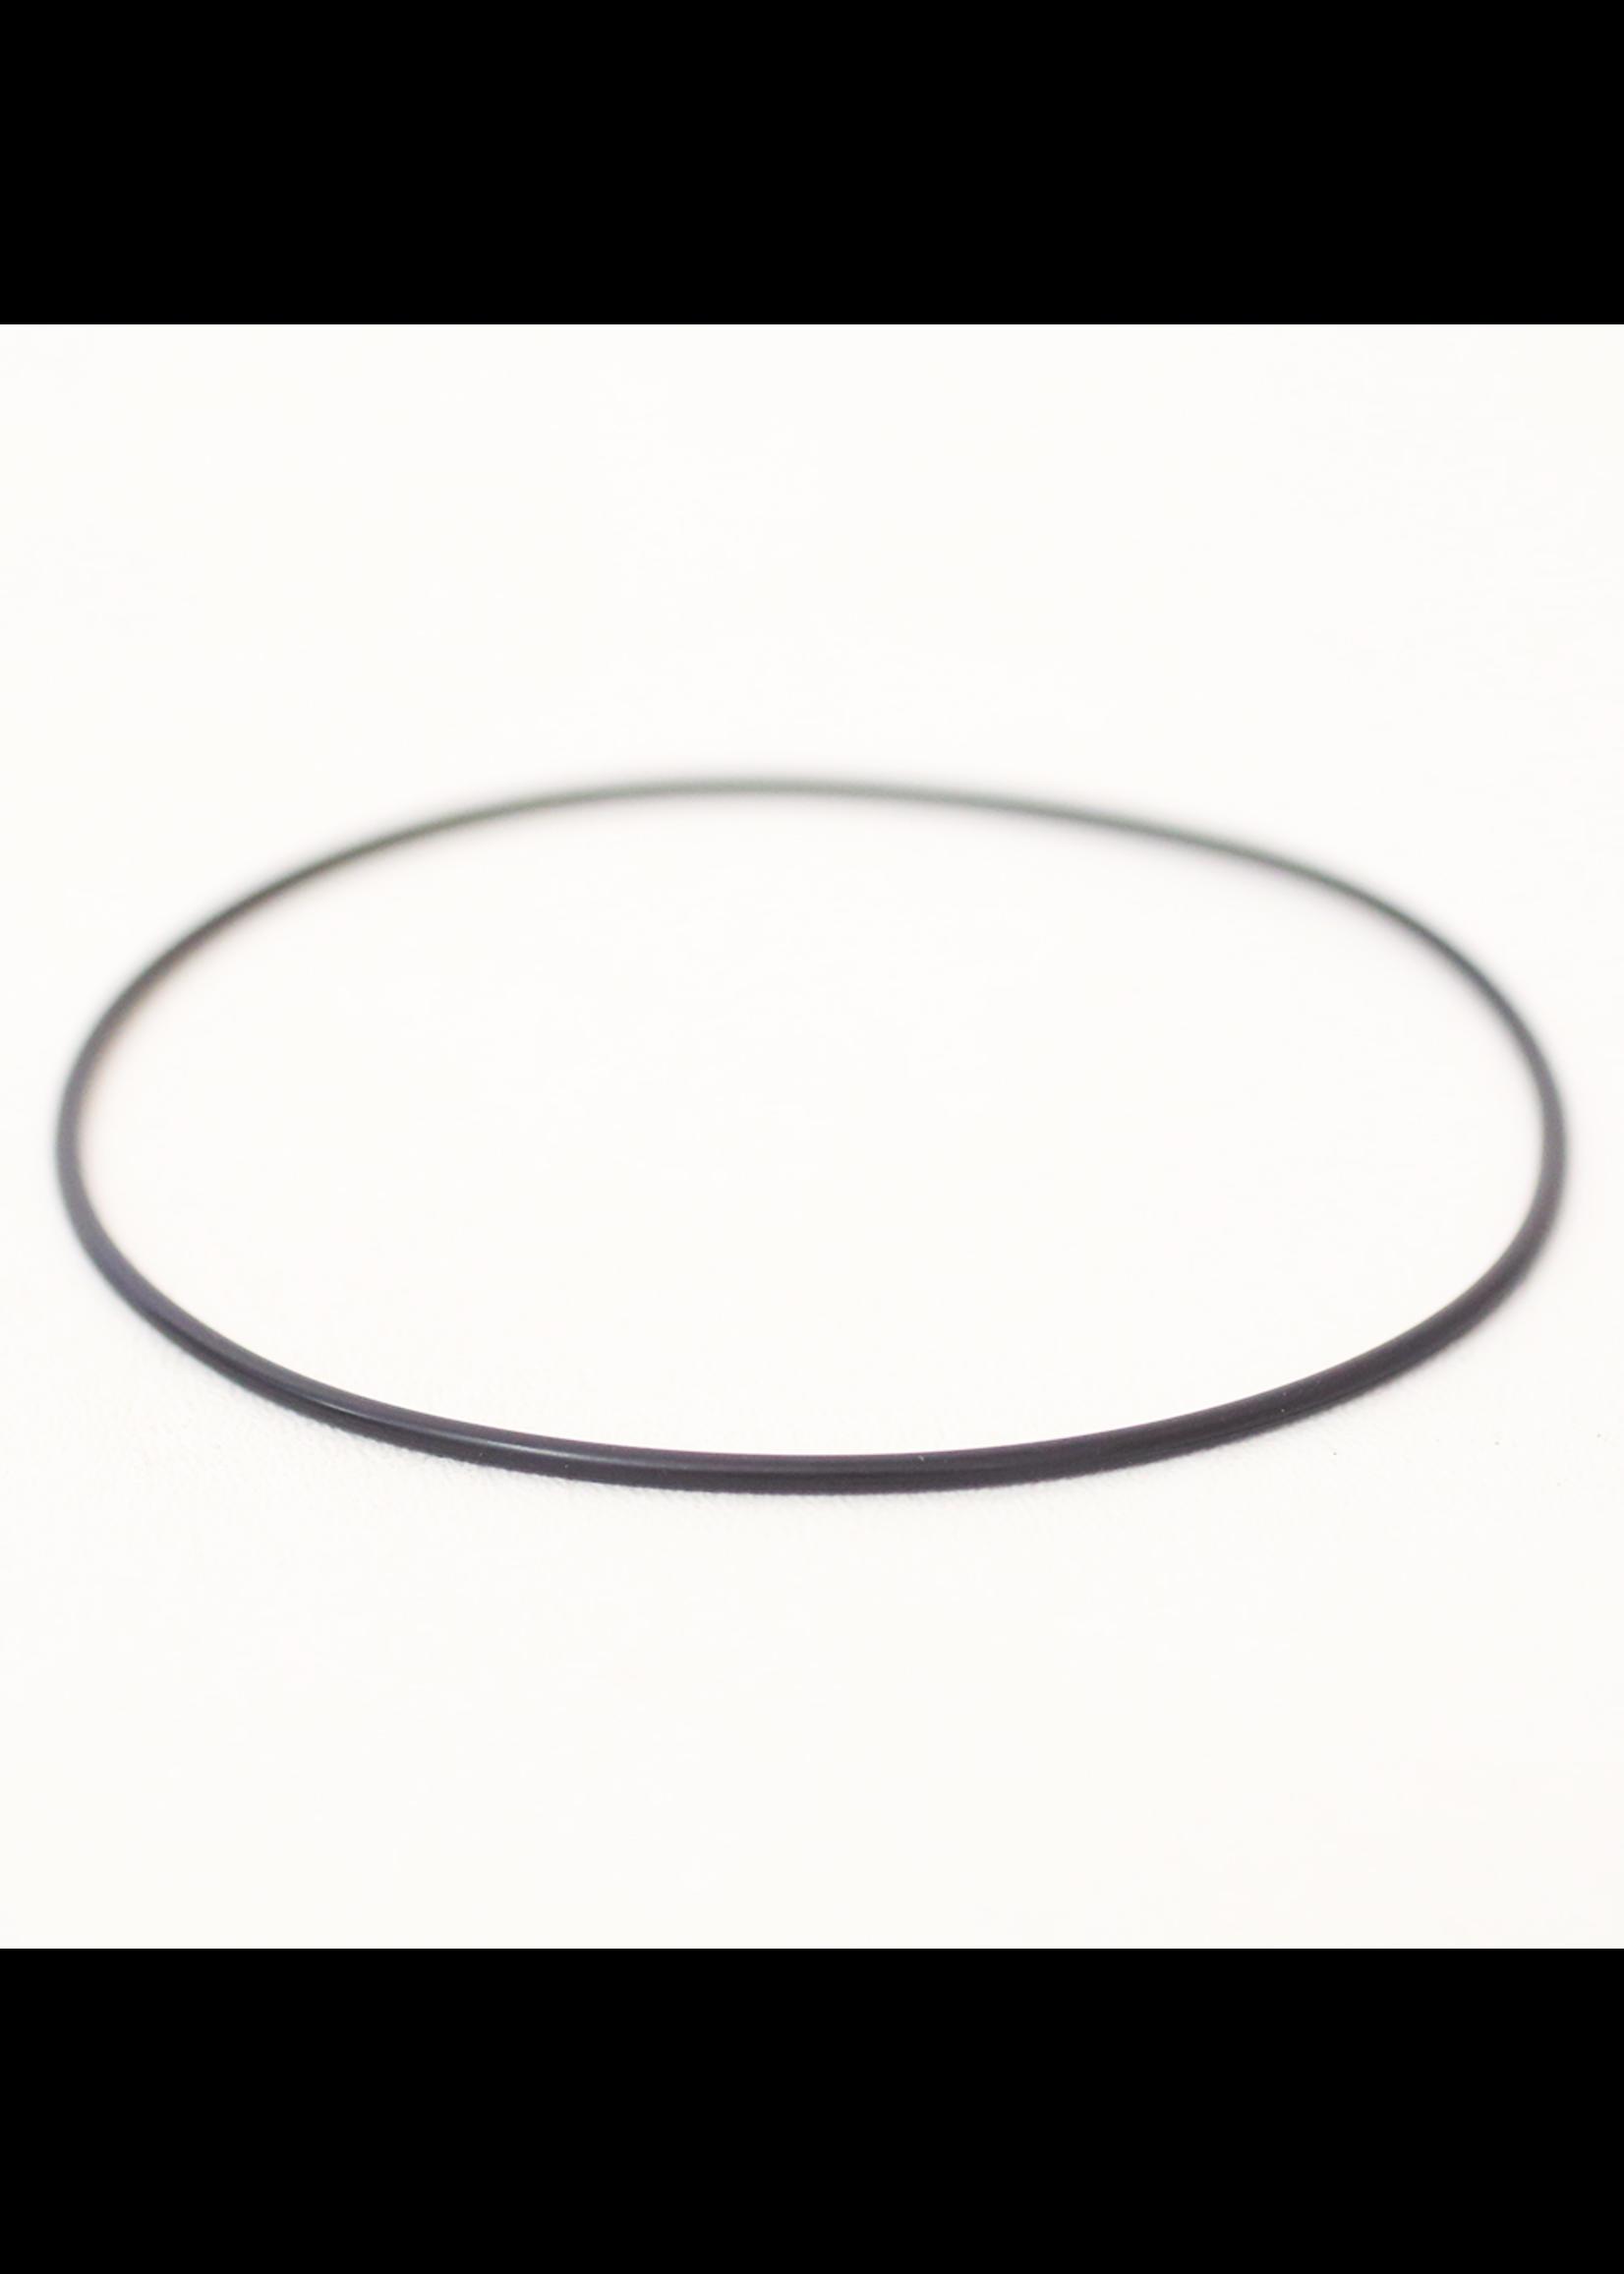 Fermentation O-Ring for Lid on 6 & 7 Gallon Fermonster